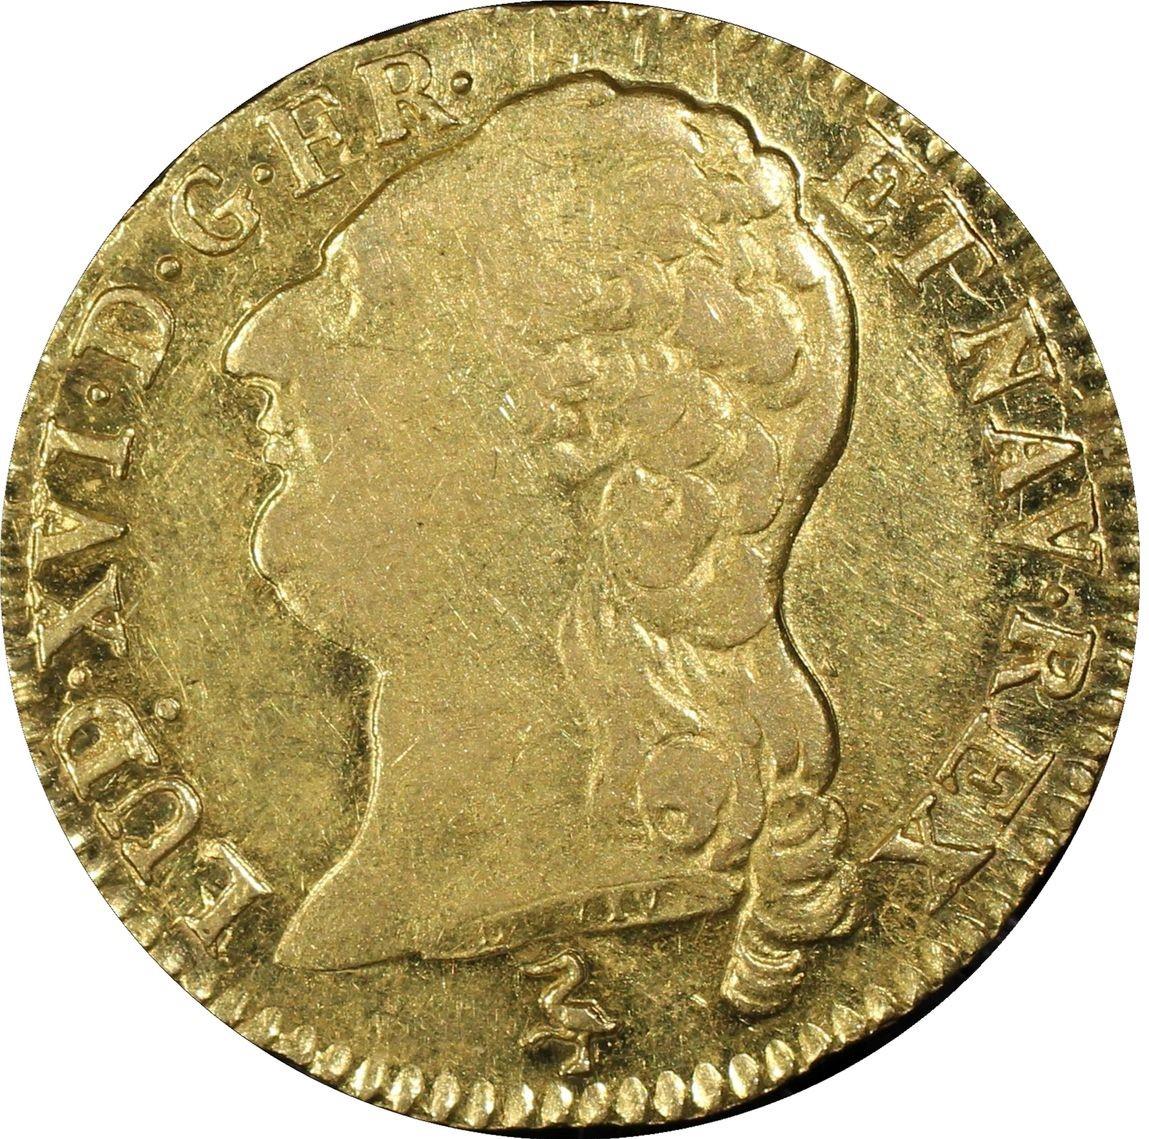 アンティークコイン-フランス-ルイ16世ルイドール金貨1788-A-PCGS-AU55